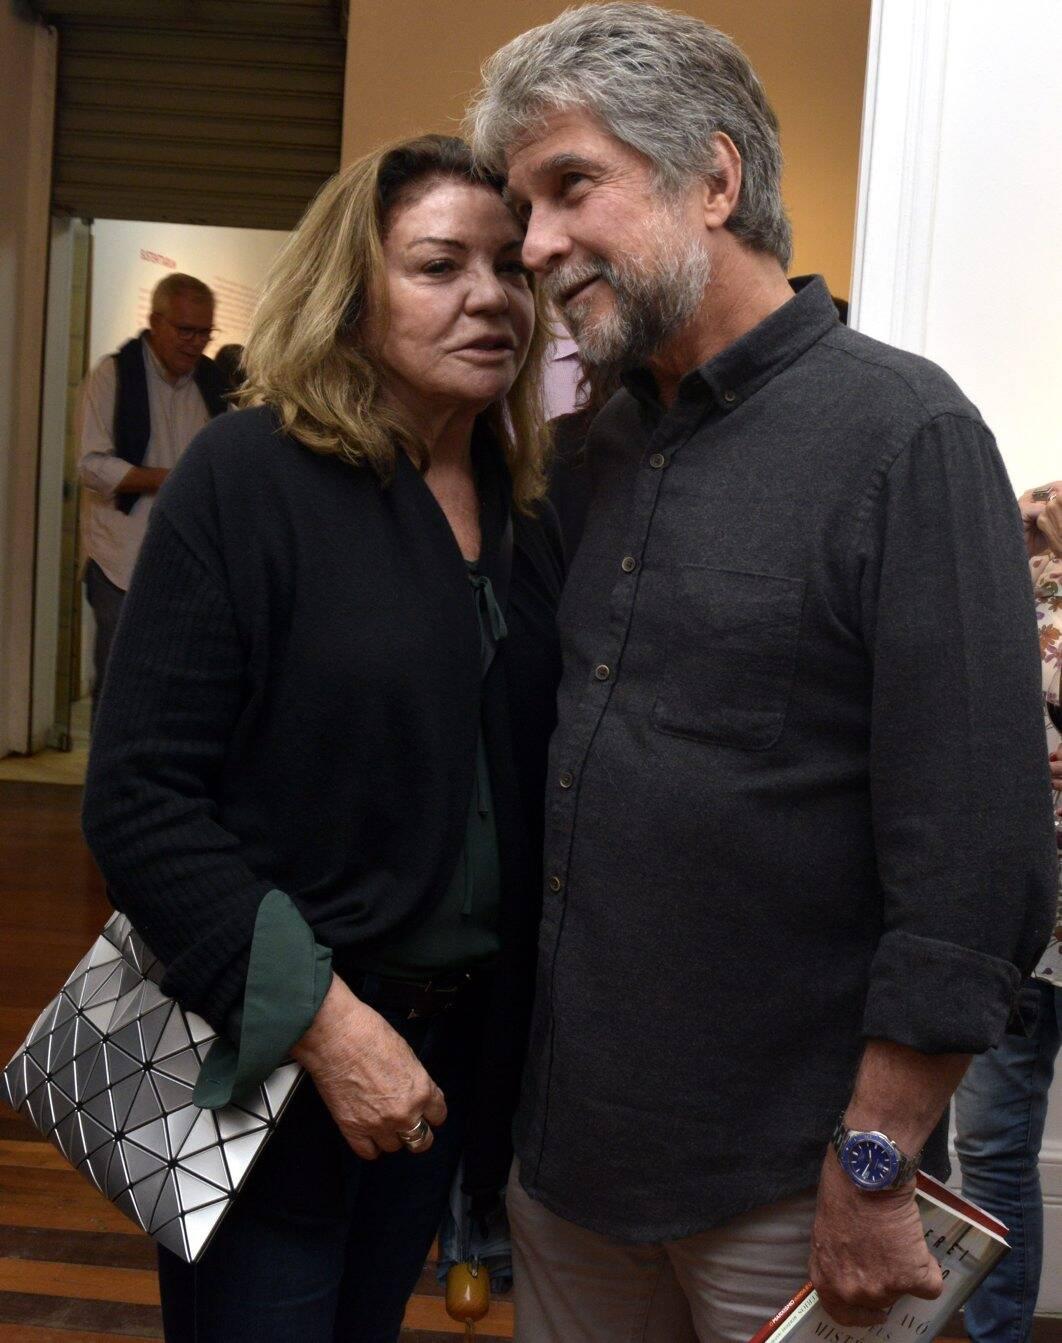 Silvinha Martins e João Orleans e Bragança / Foto: Cristina Granato